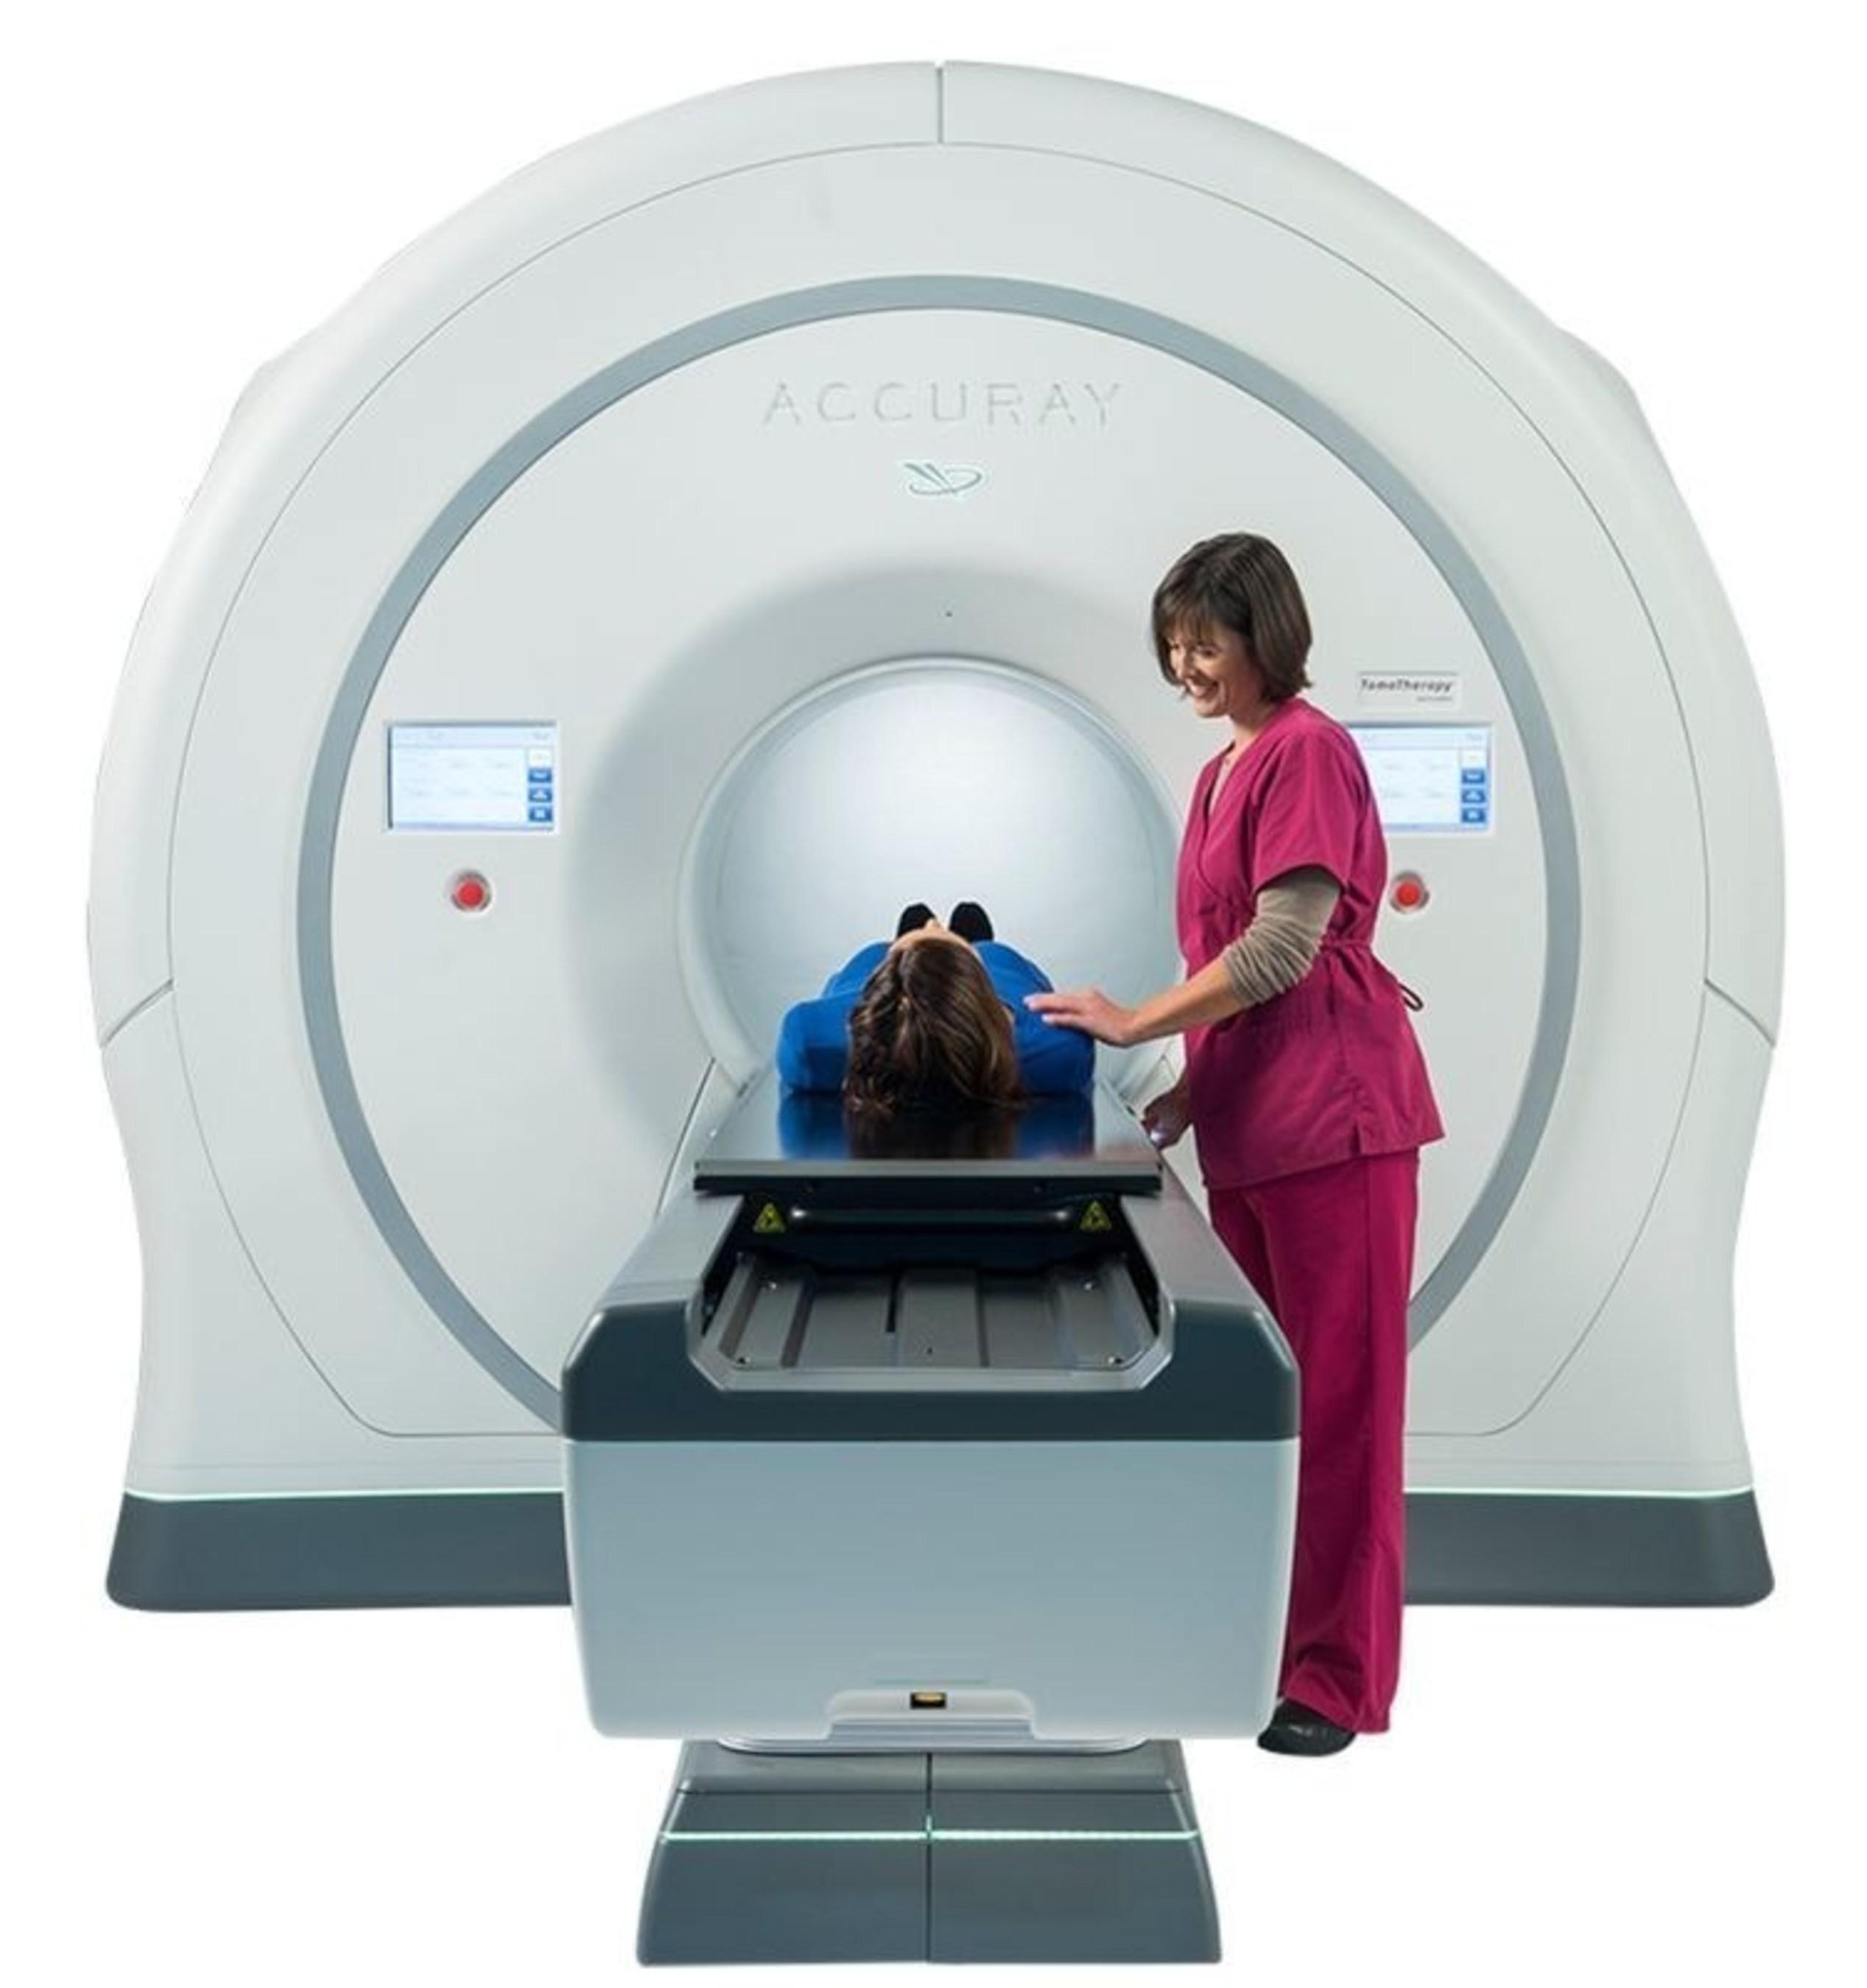 The TomoTherapy System (PRNewsFoto/Accuray) (PRNewsFoto/Accuray)